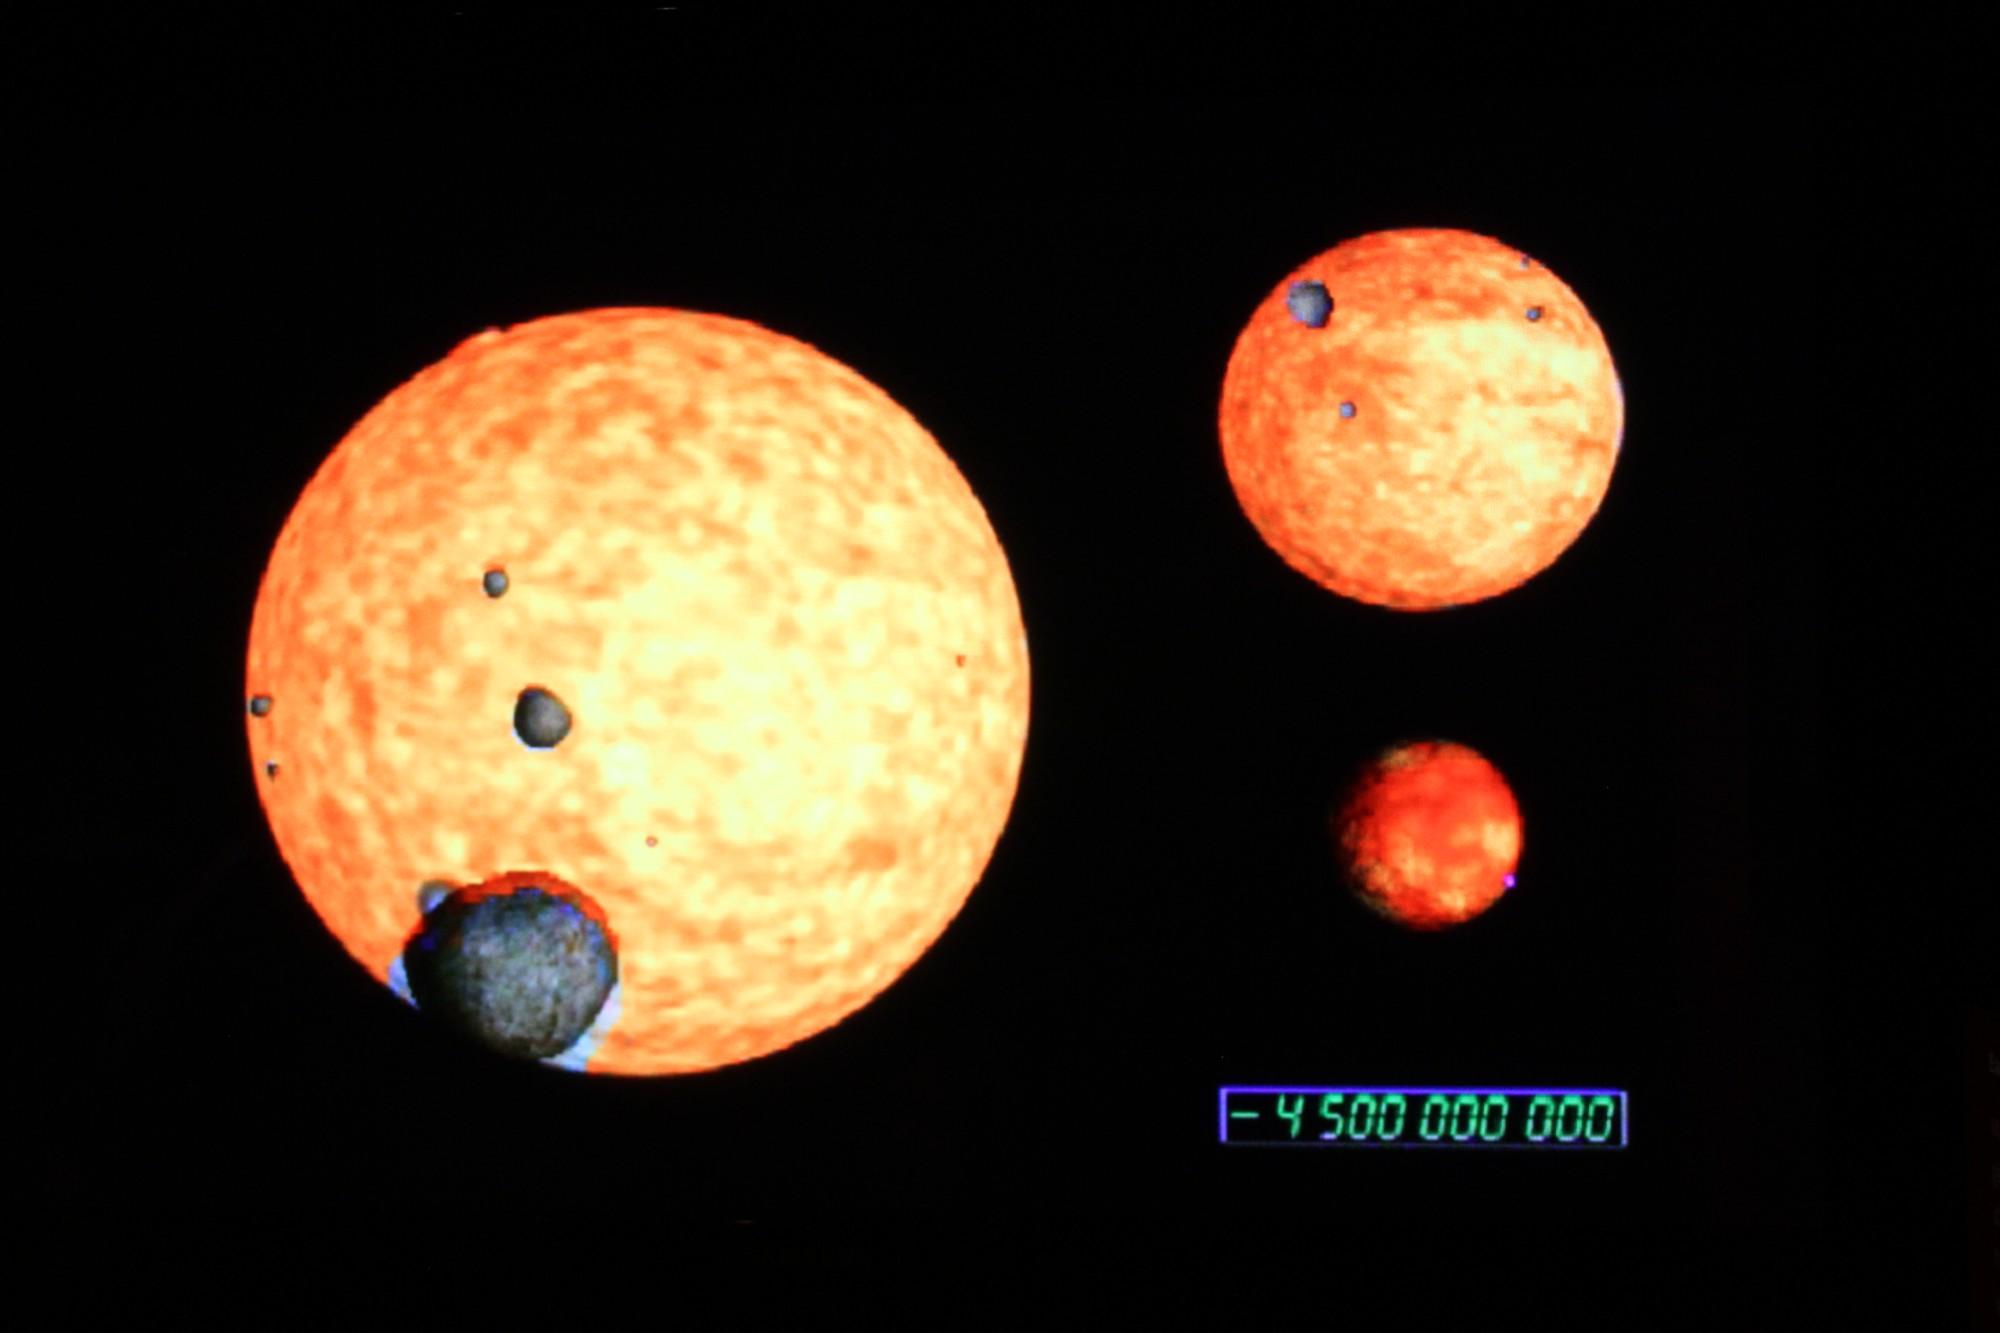 16 02 18 - 16h 34m 05s - explorez mars palais de la découverte r